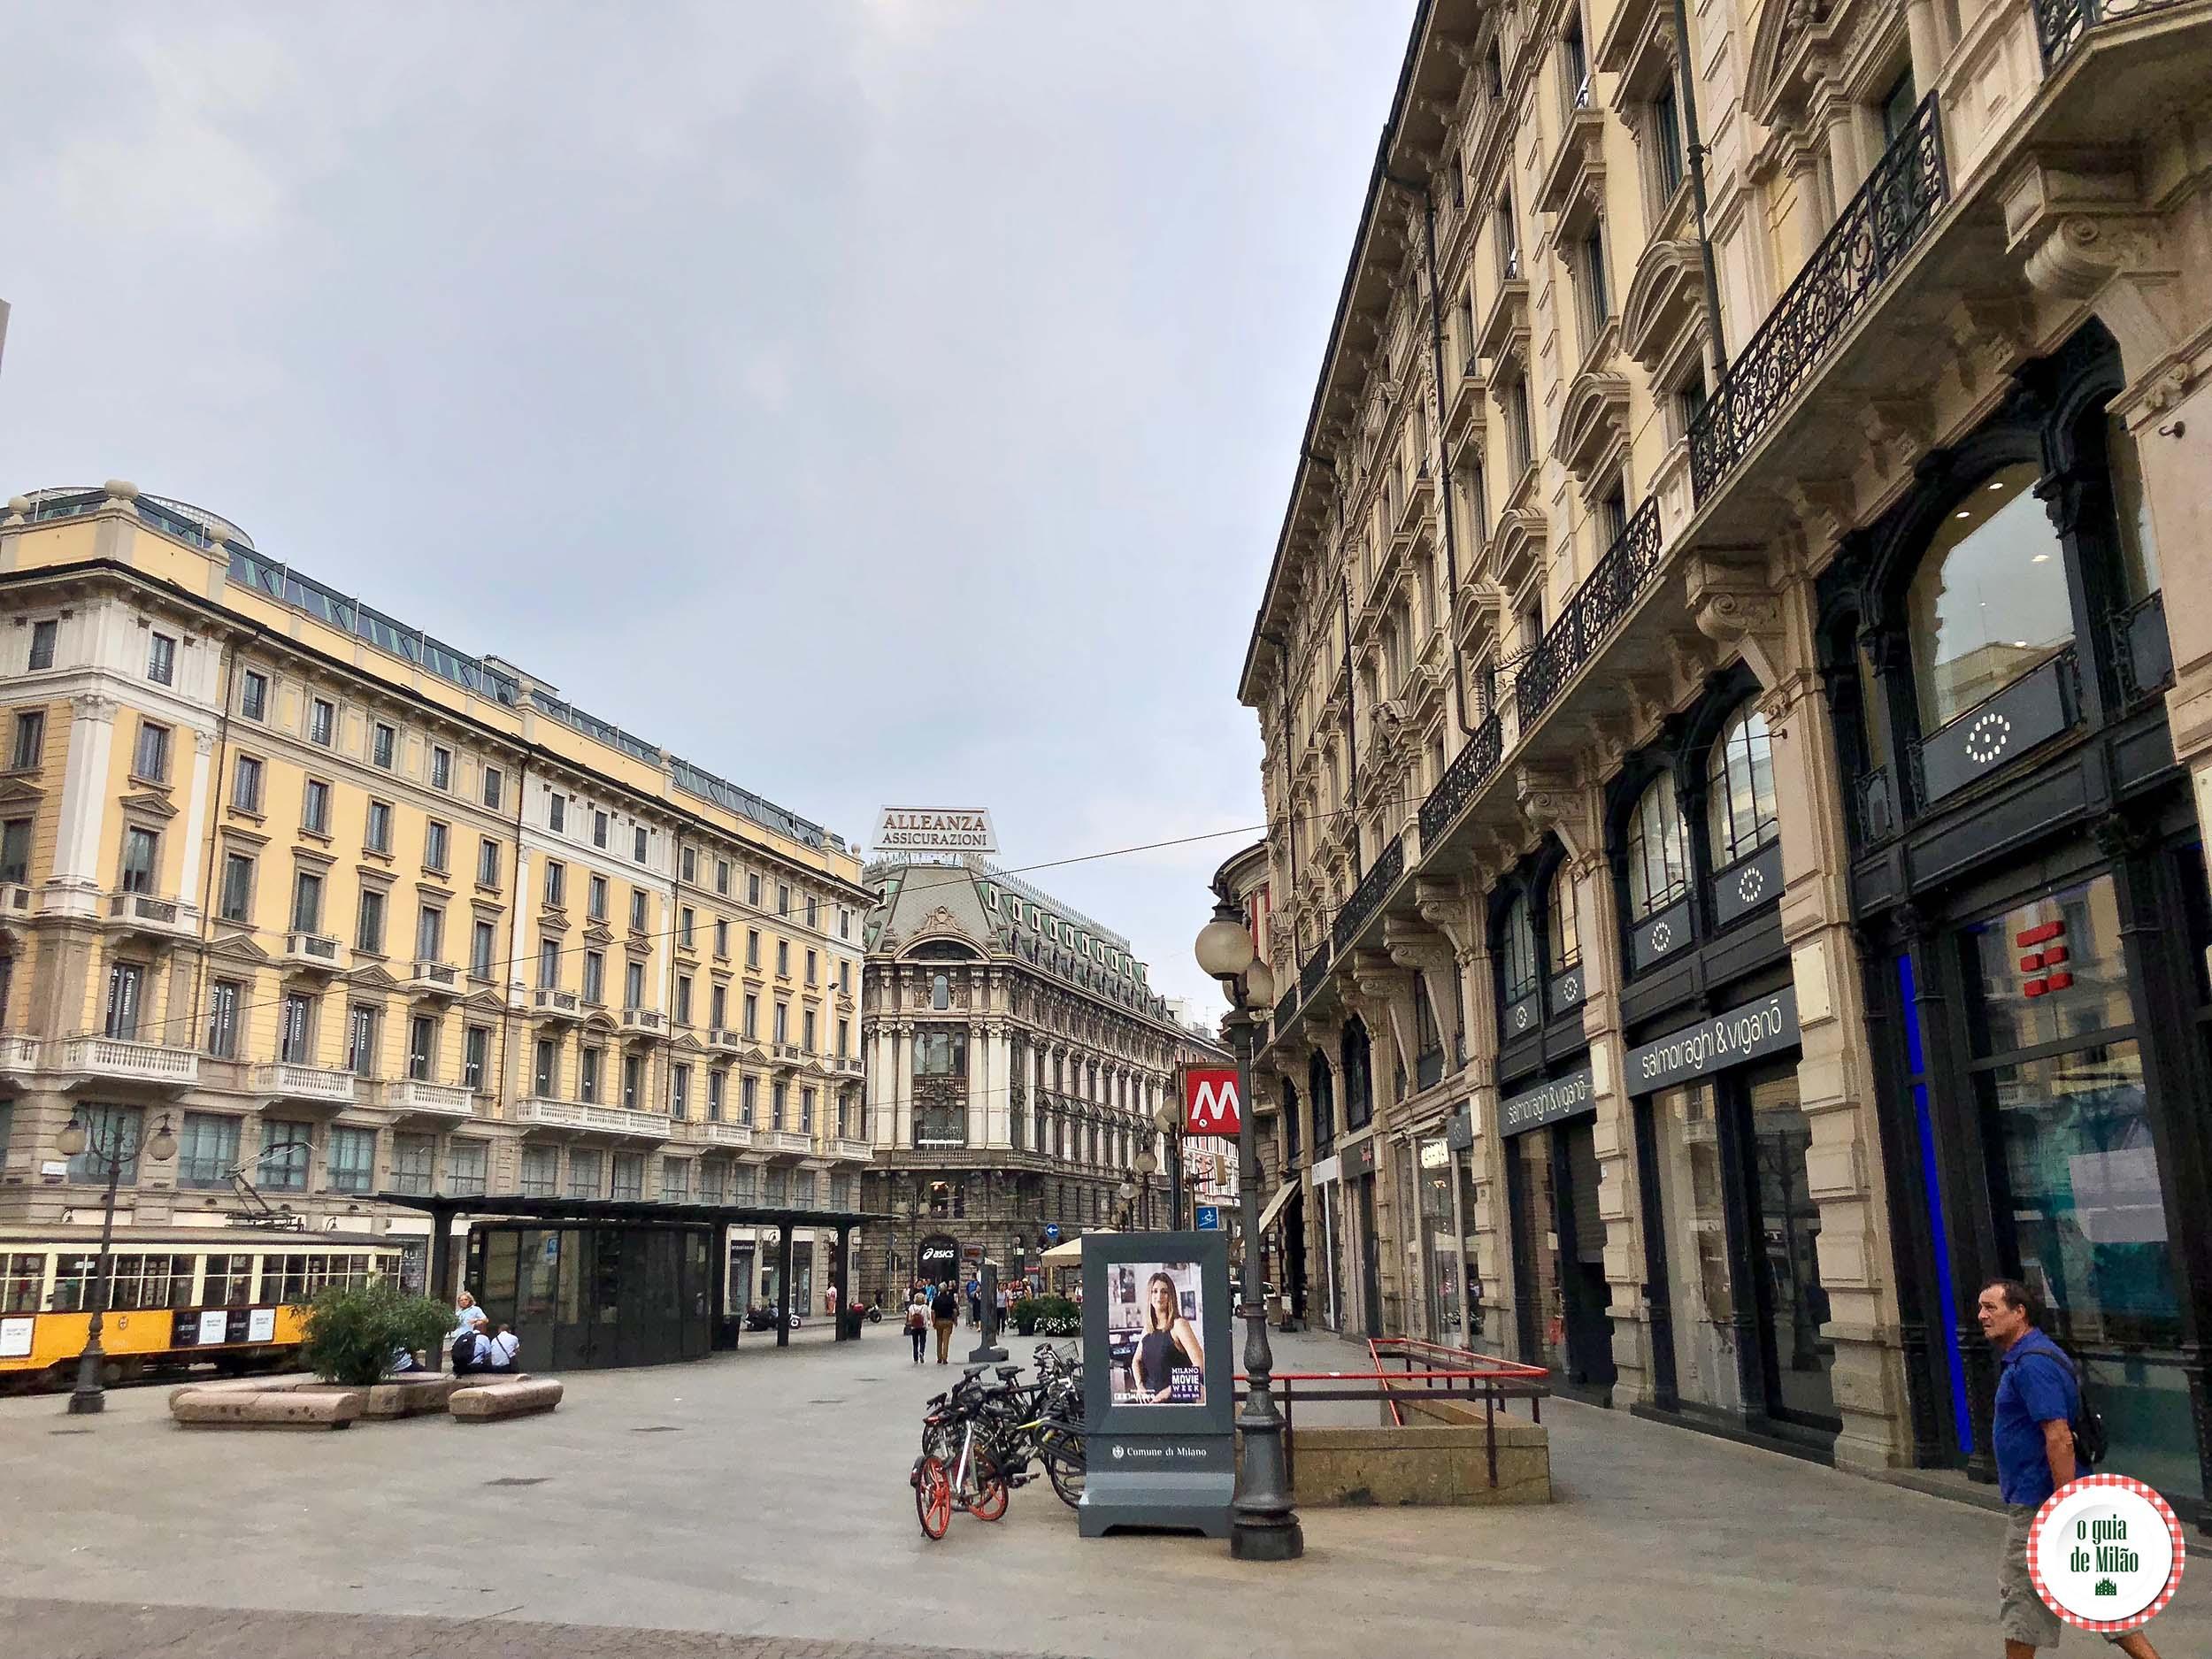 Aonde te leva a linha vermelha do metrô de Milão